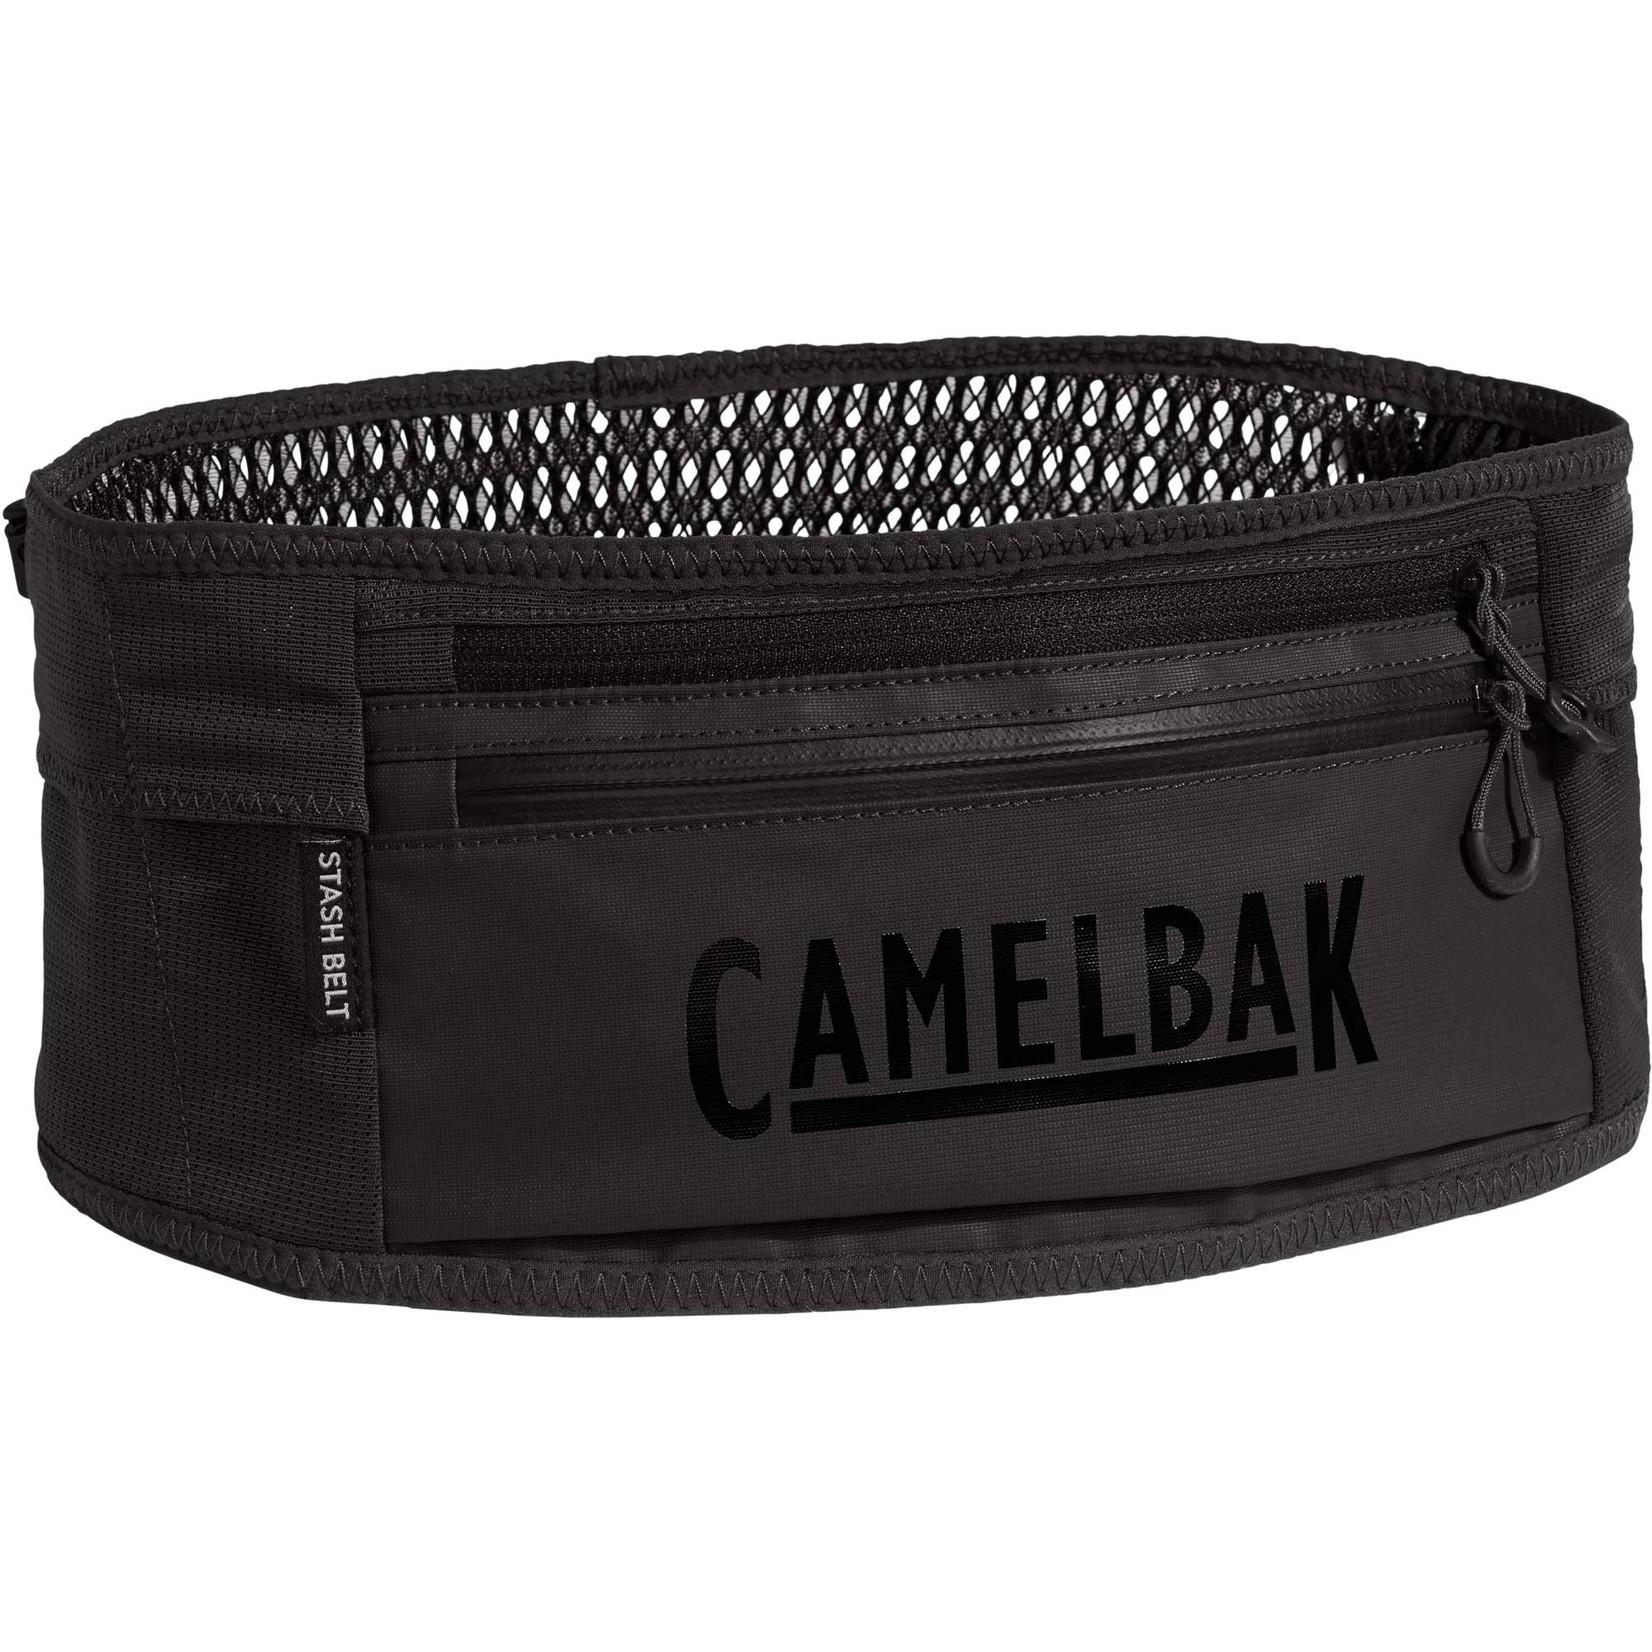 Camelbak Camelbak Stash Belt